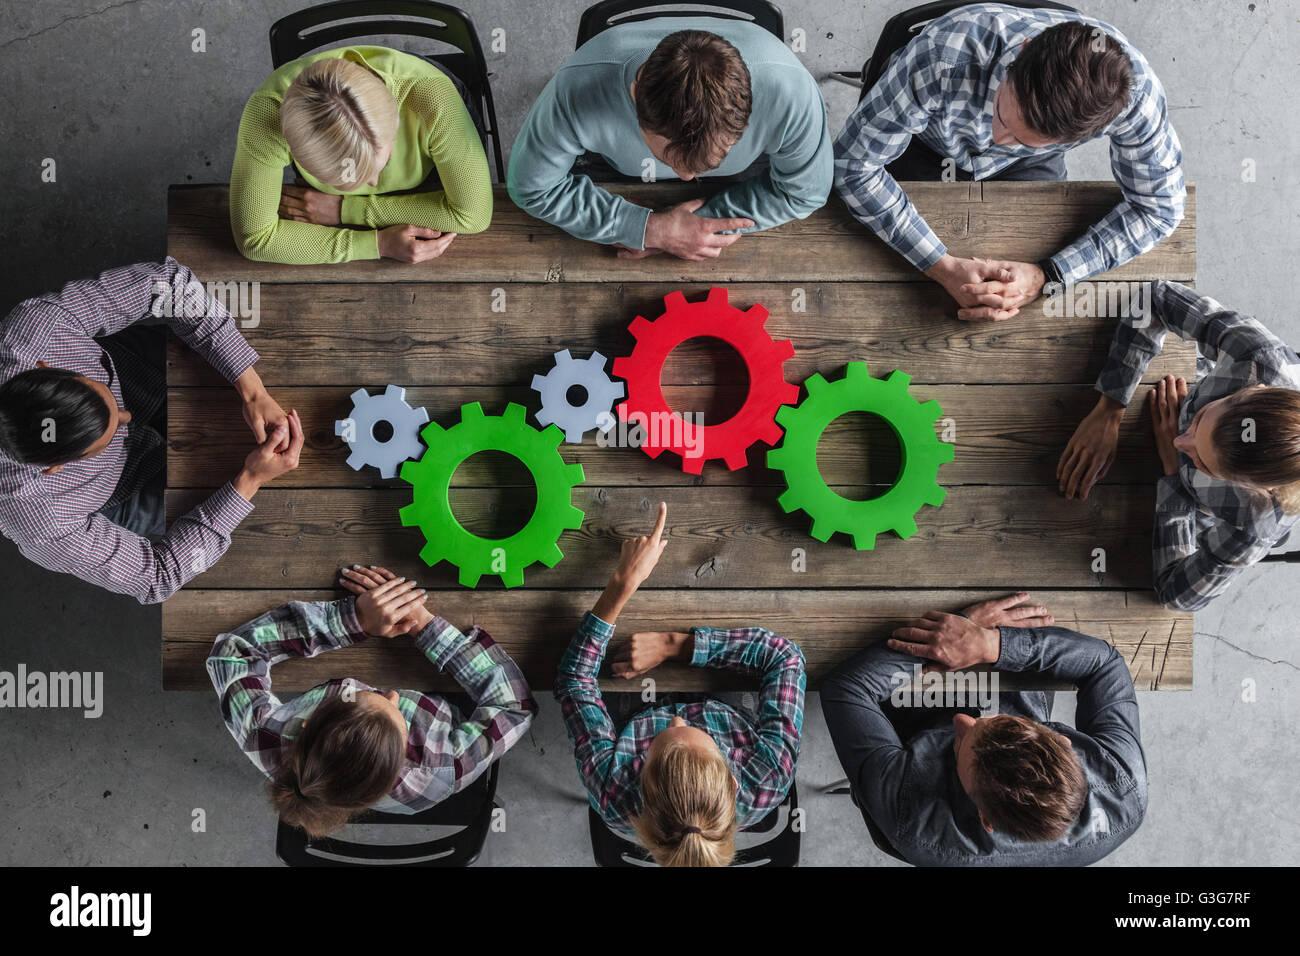 Hipster equipo empresarial y cogs brainstorming concepto reunión de planificación Imagen De Stock